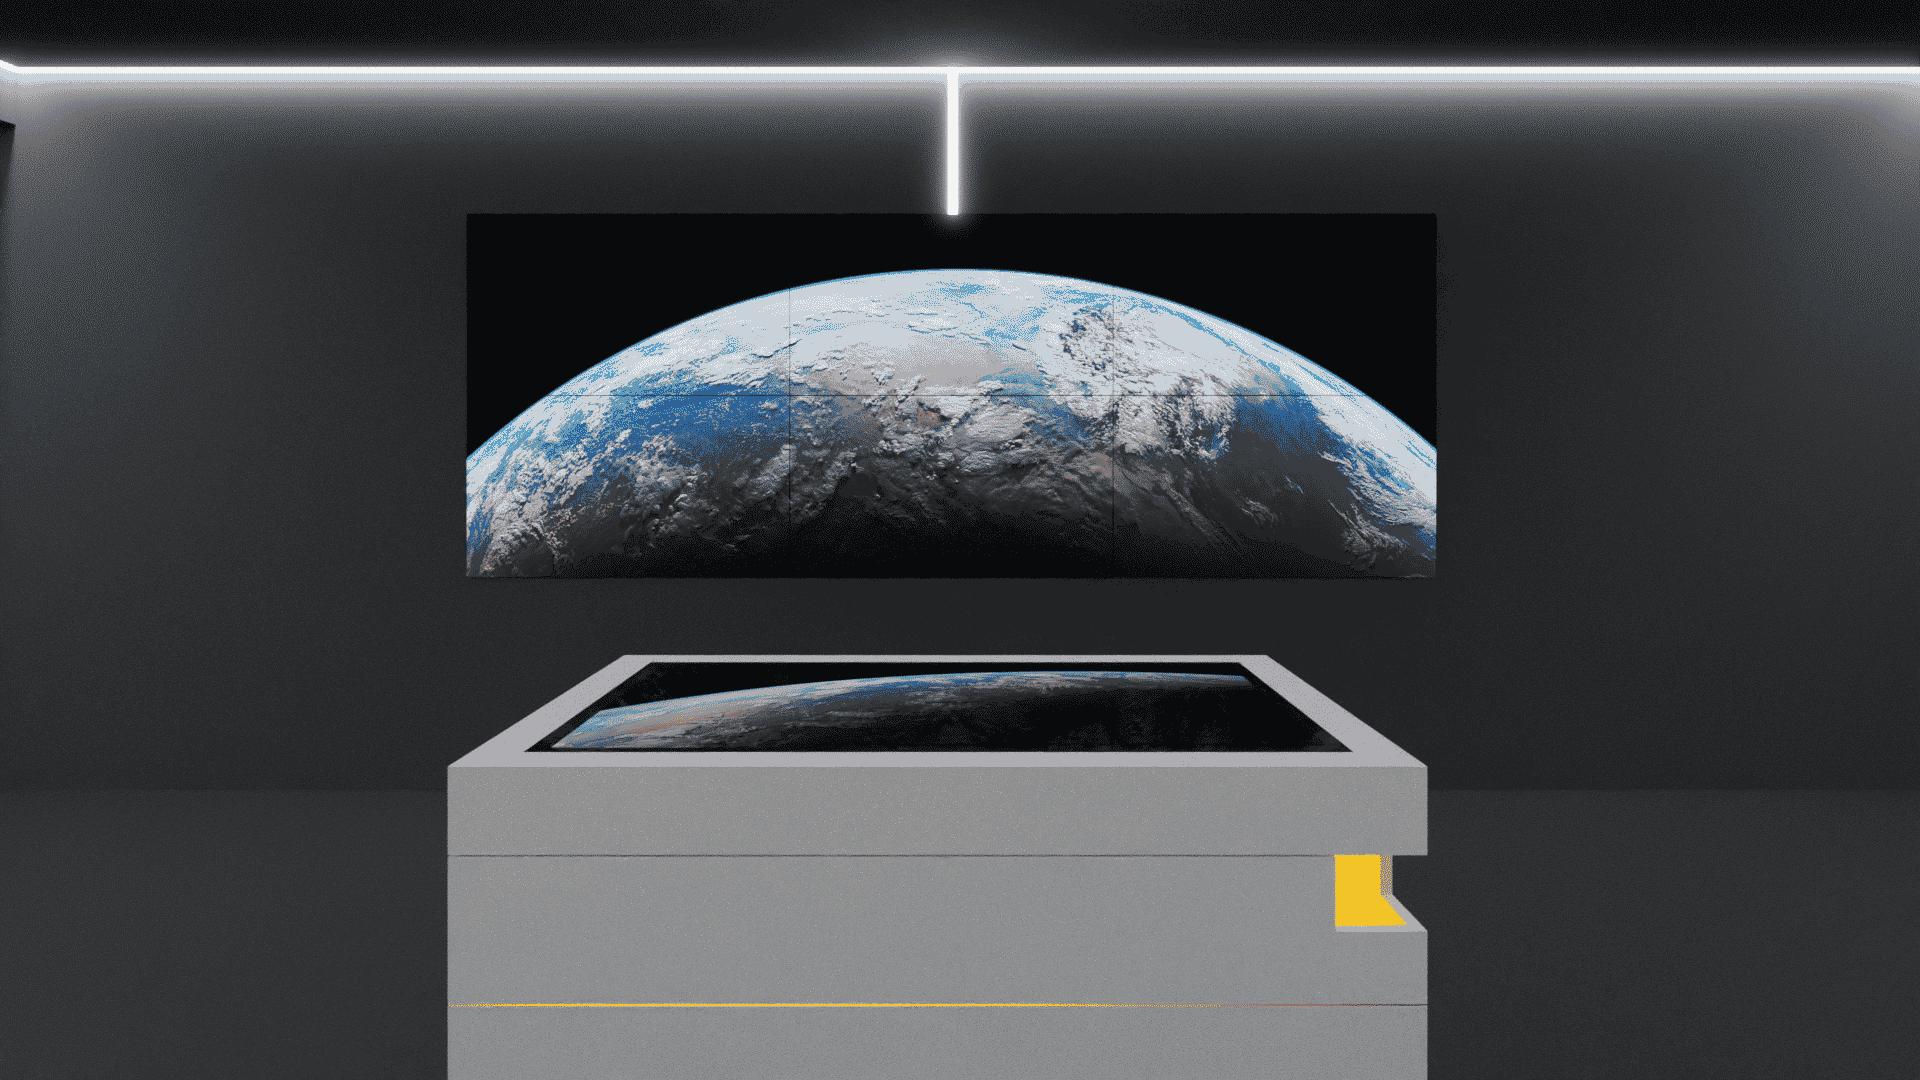 Screen-Wall in interaktivem Showroom wird von Multitouch-Tisch gesteuert